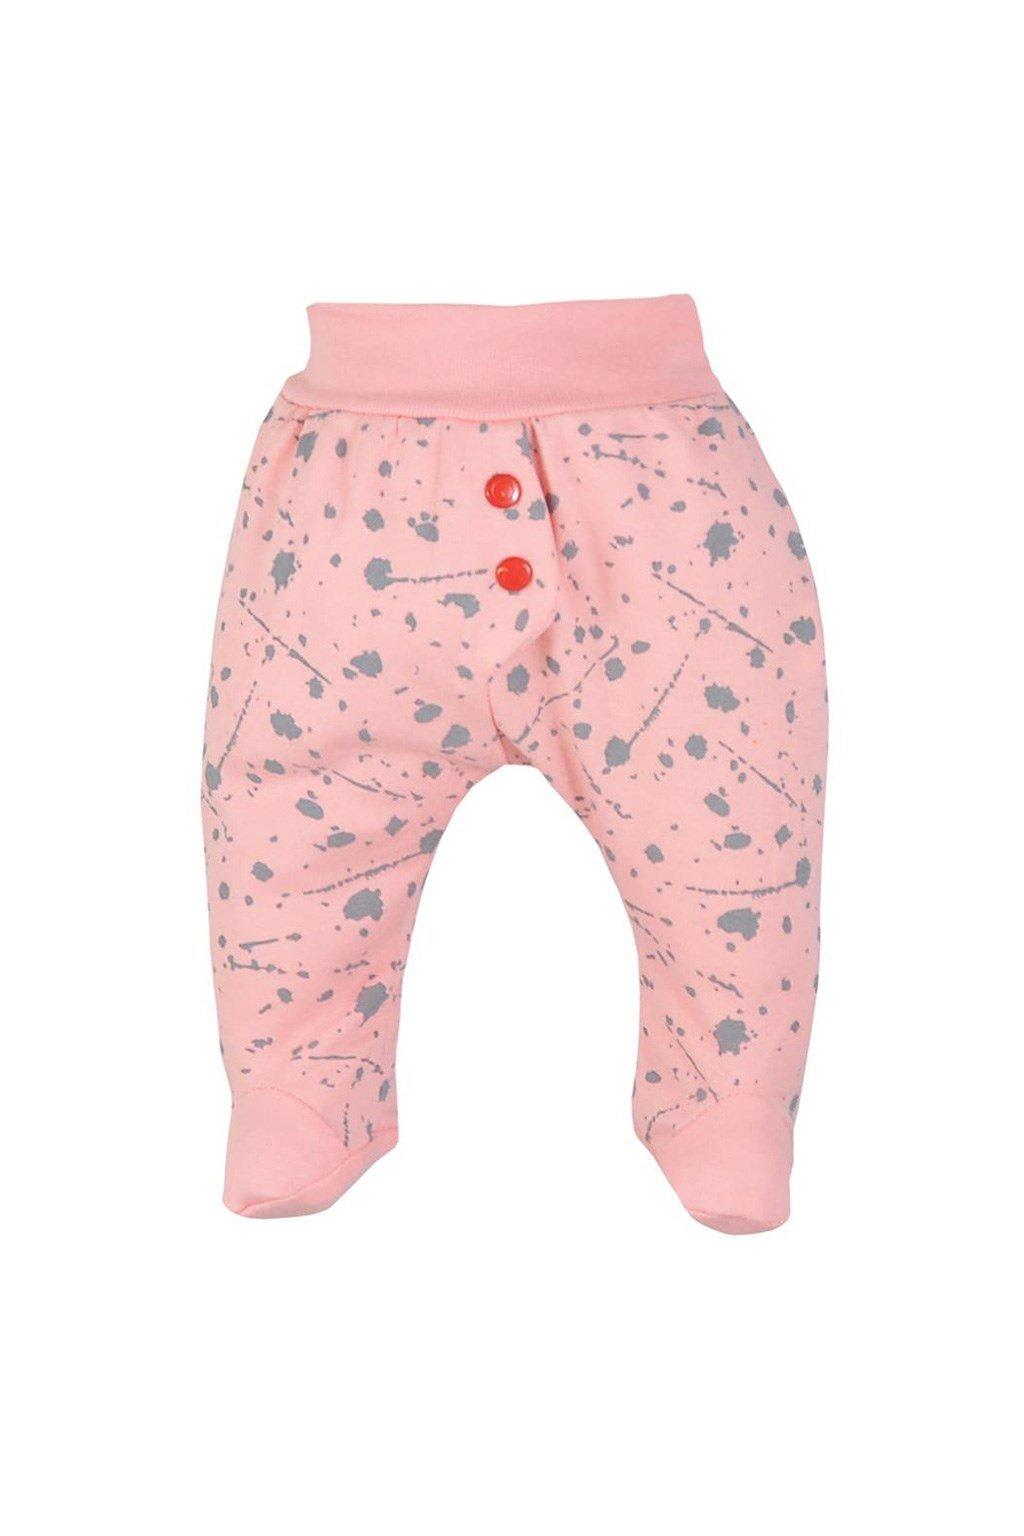 Dojčenské polodupačky Koala Hip-Hip ružové